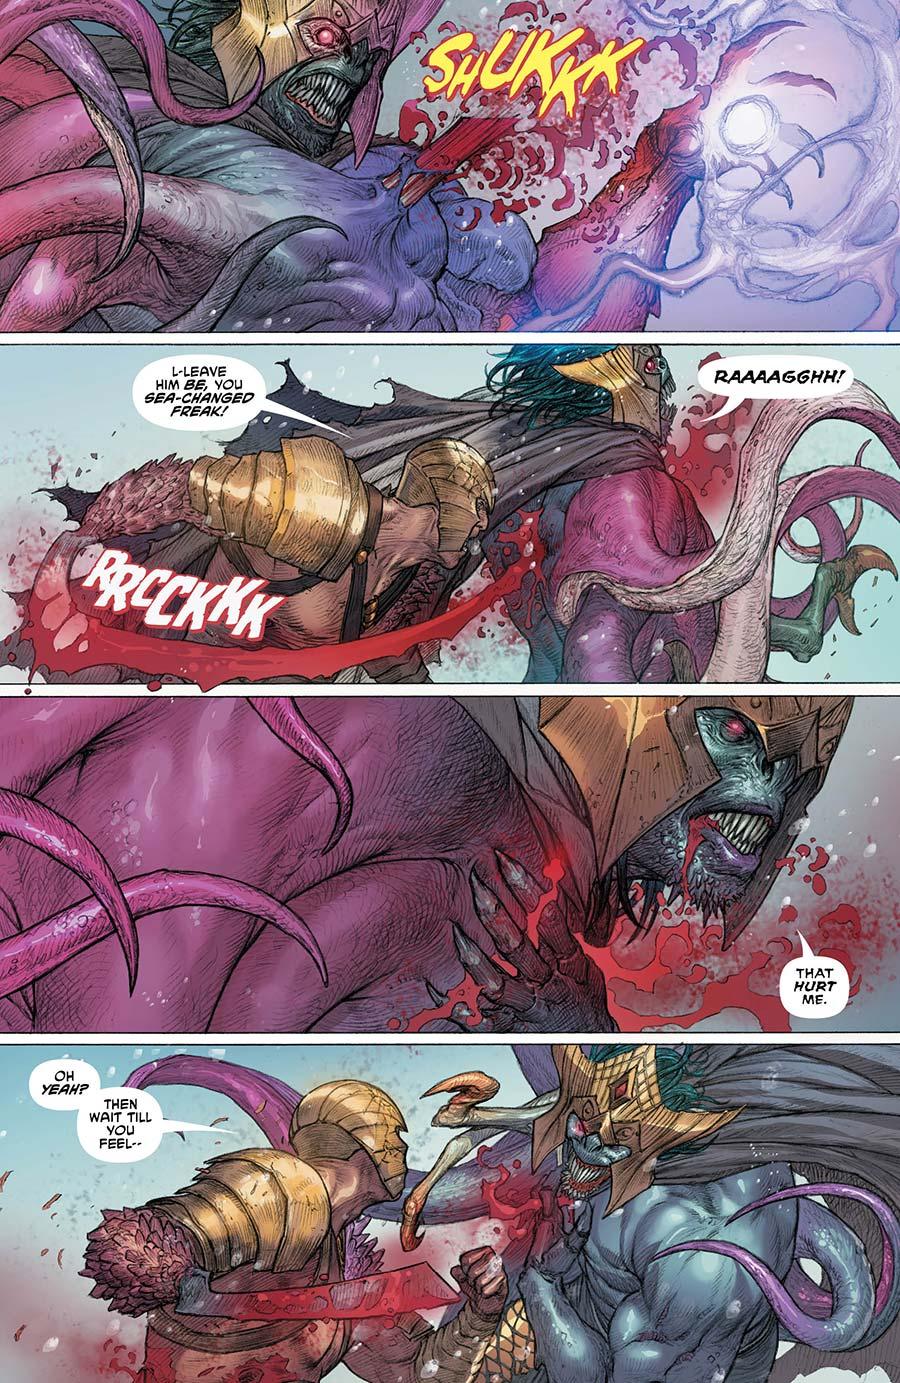 Aquaman 37_2 - DC Comics News